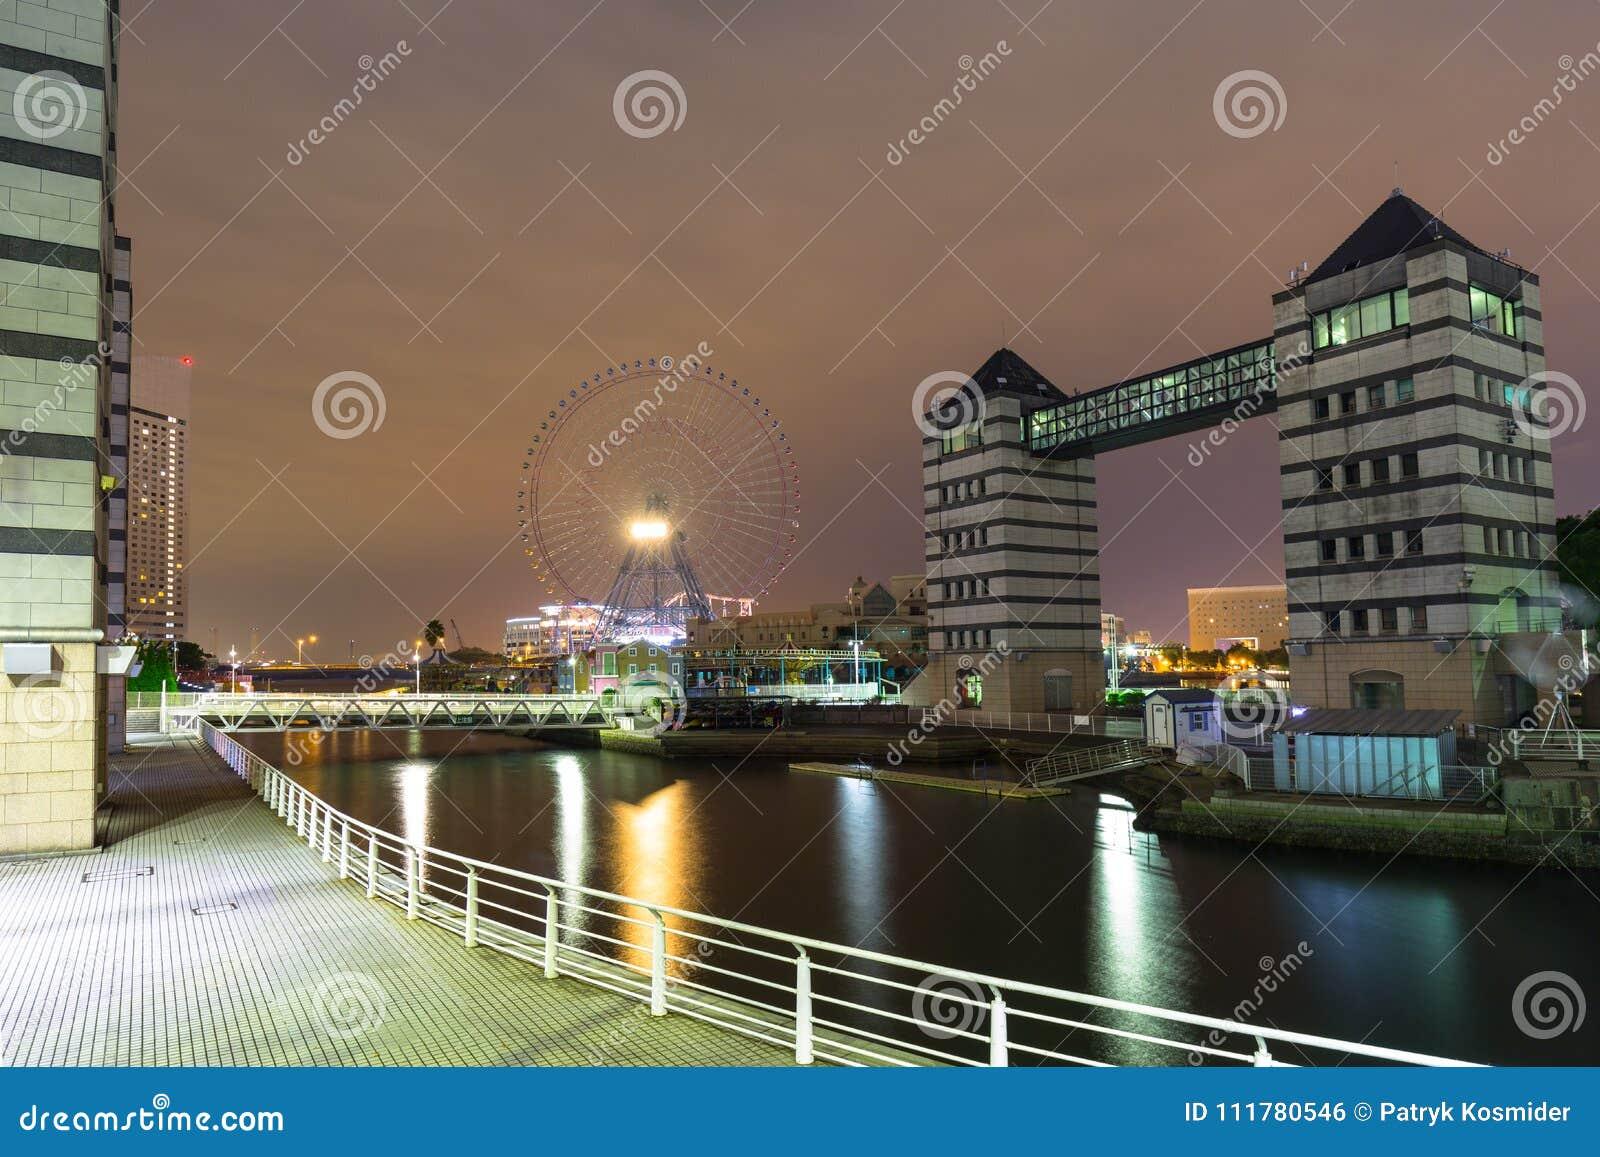 Cityscape of Yokohama city at night